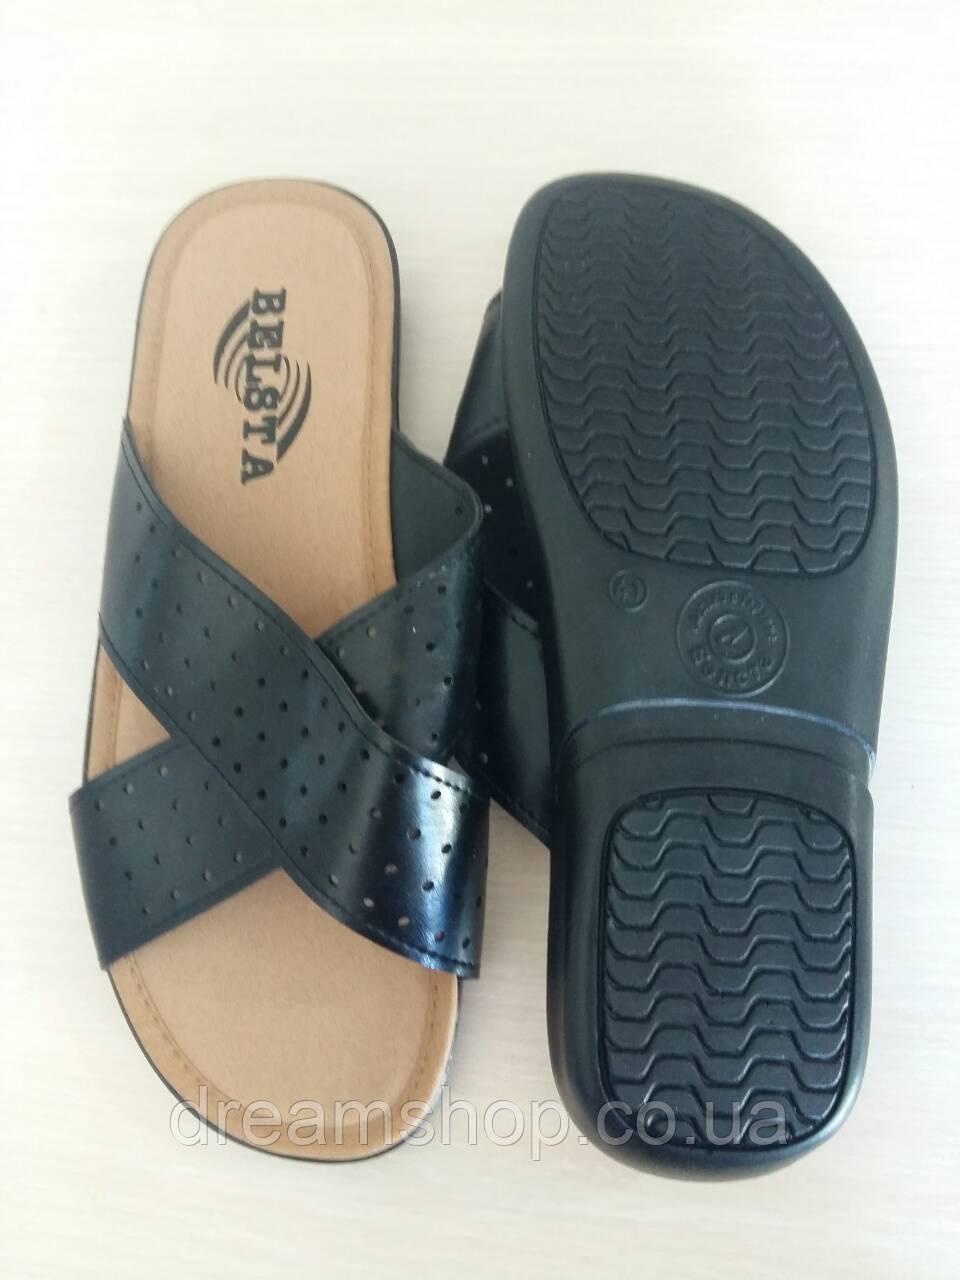 ba97057ae Мужские летние сандали Белста , цена 250 грн., купить Гусятин — Prom.ua  (ID#705230611)